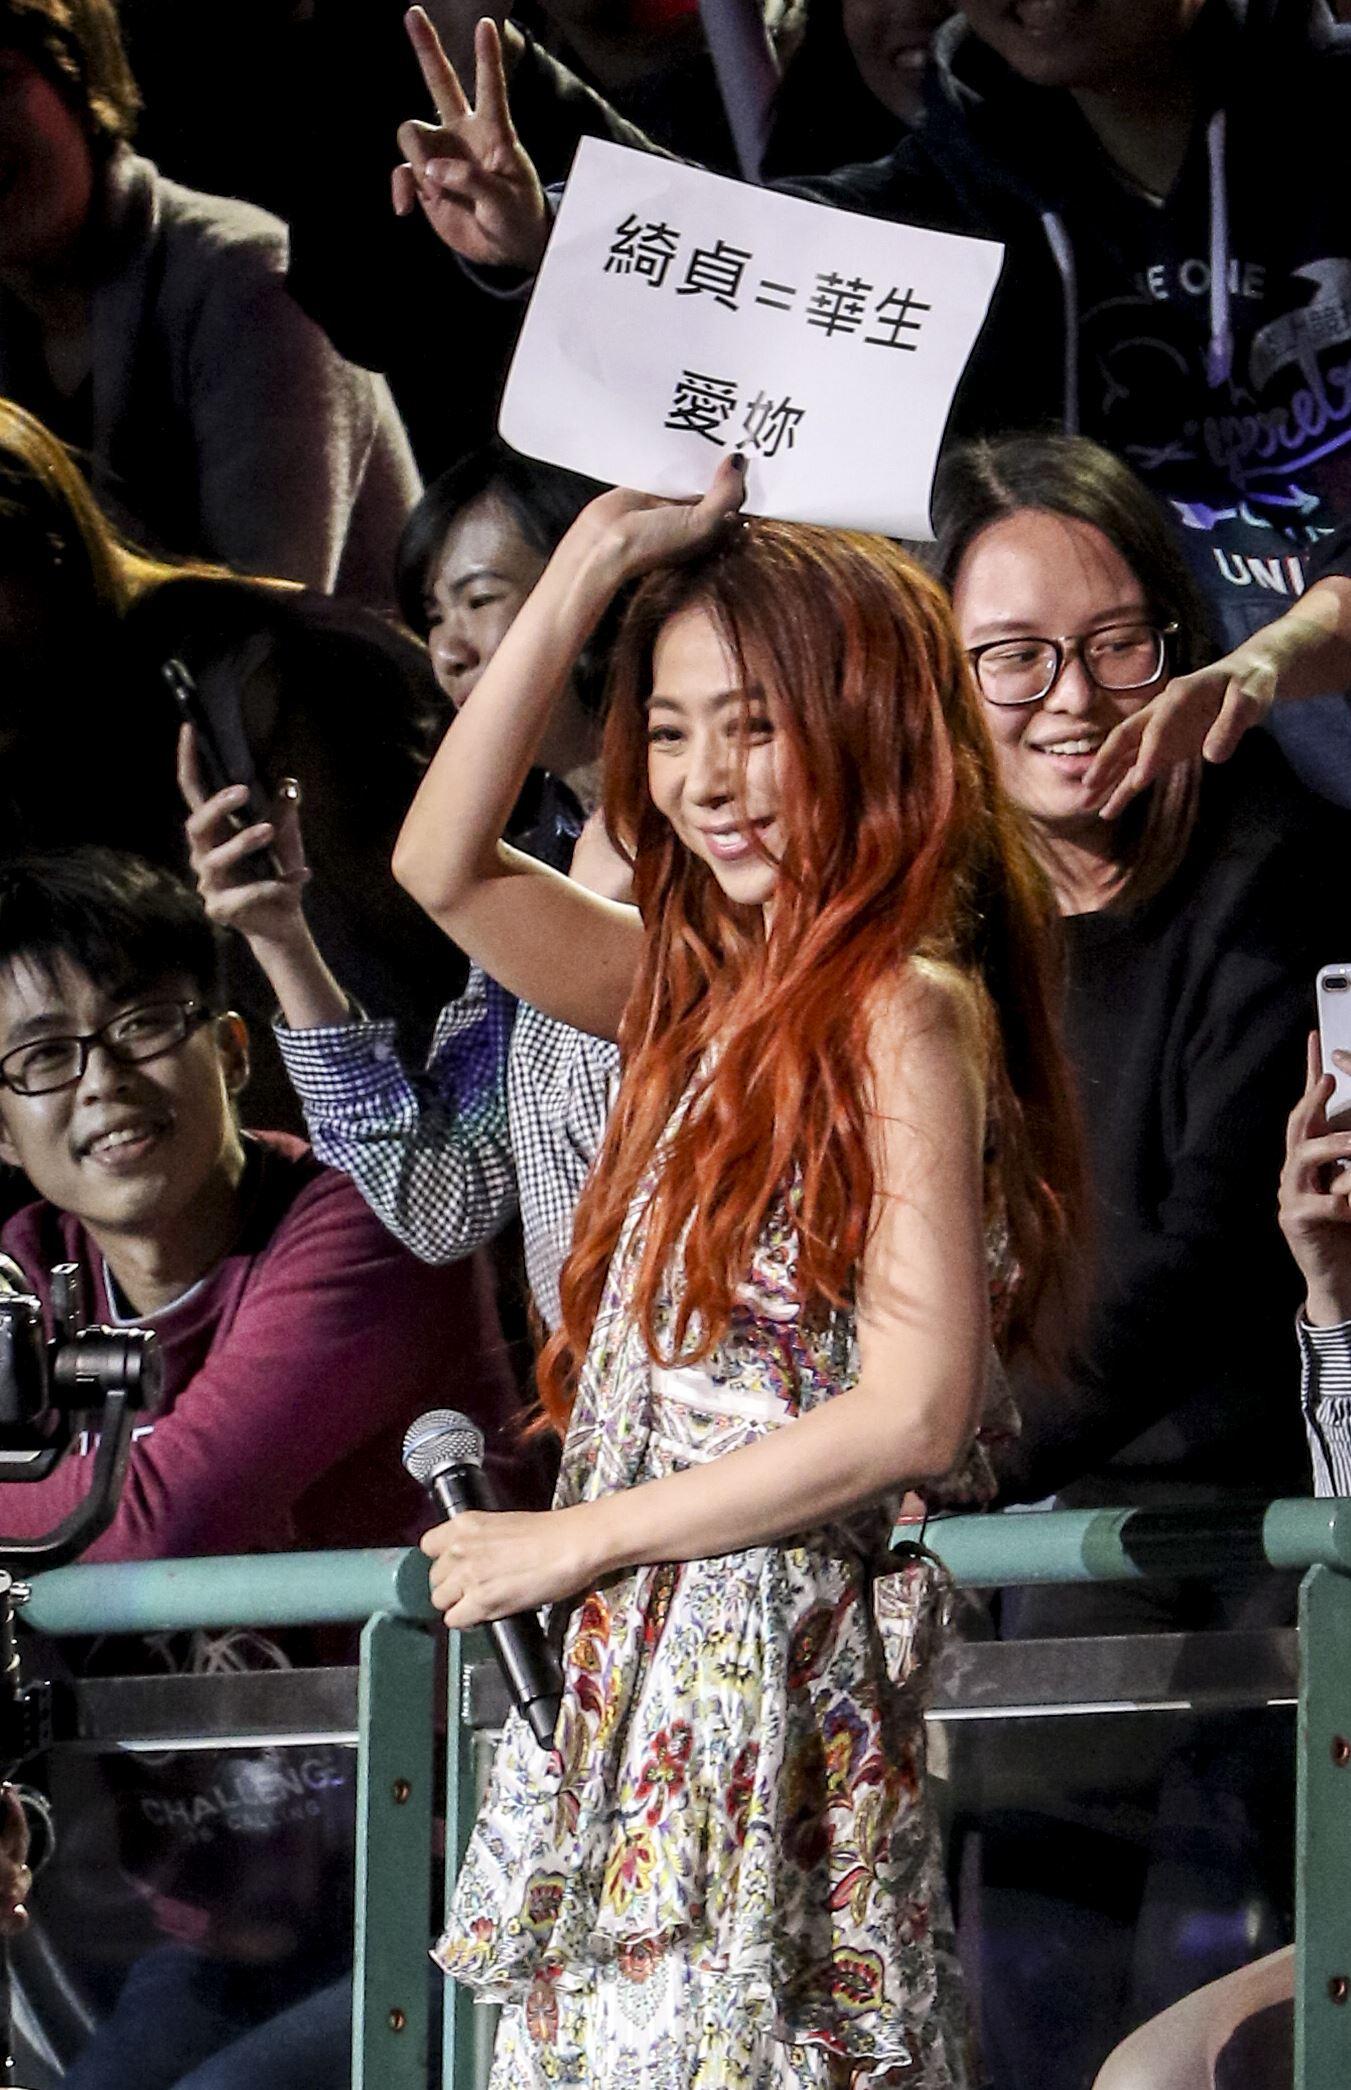 創作才女陳綺貞「漫漫長夜」20週年小巨蛋演唱會,背著全新吉他「白色蜂鳥」挑戰第四次攻蛋,與台下粉絲互動熱烈驚喜不斷。(記者林士傑/攝影)